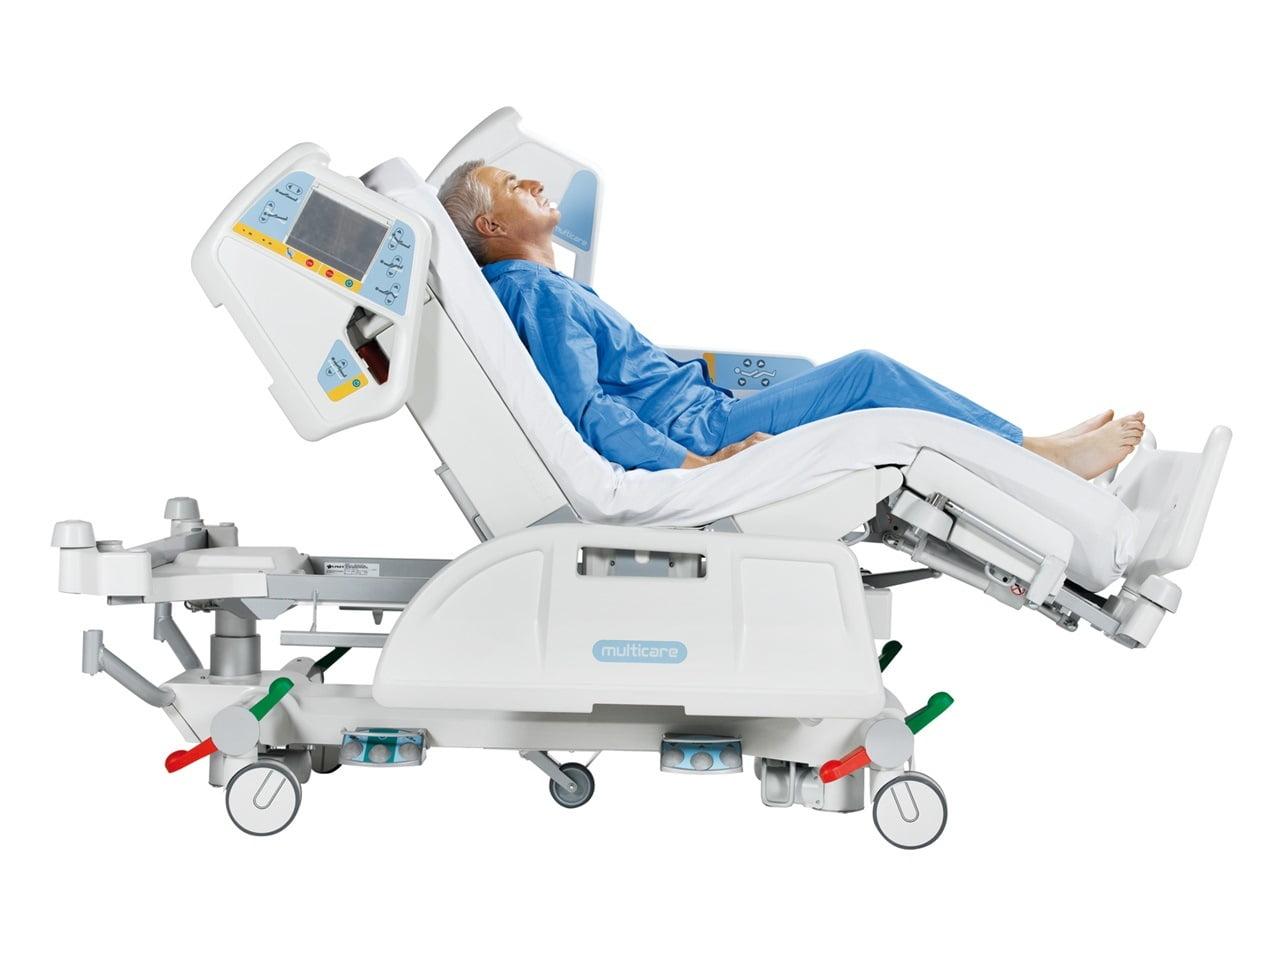 Multicare intensivseng med terapifunktioner